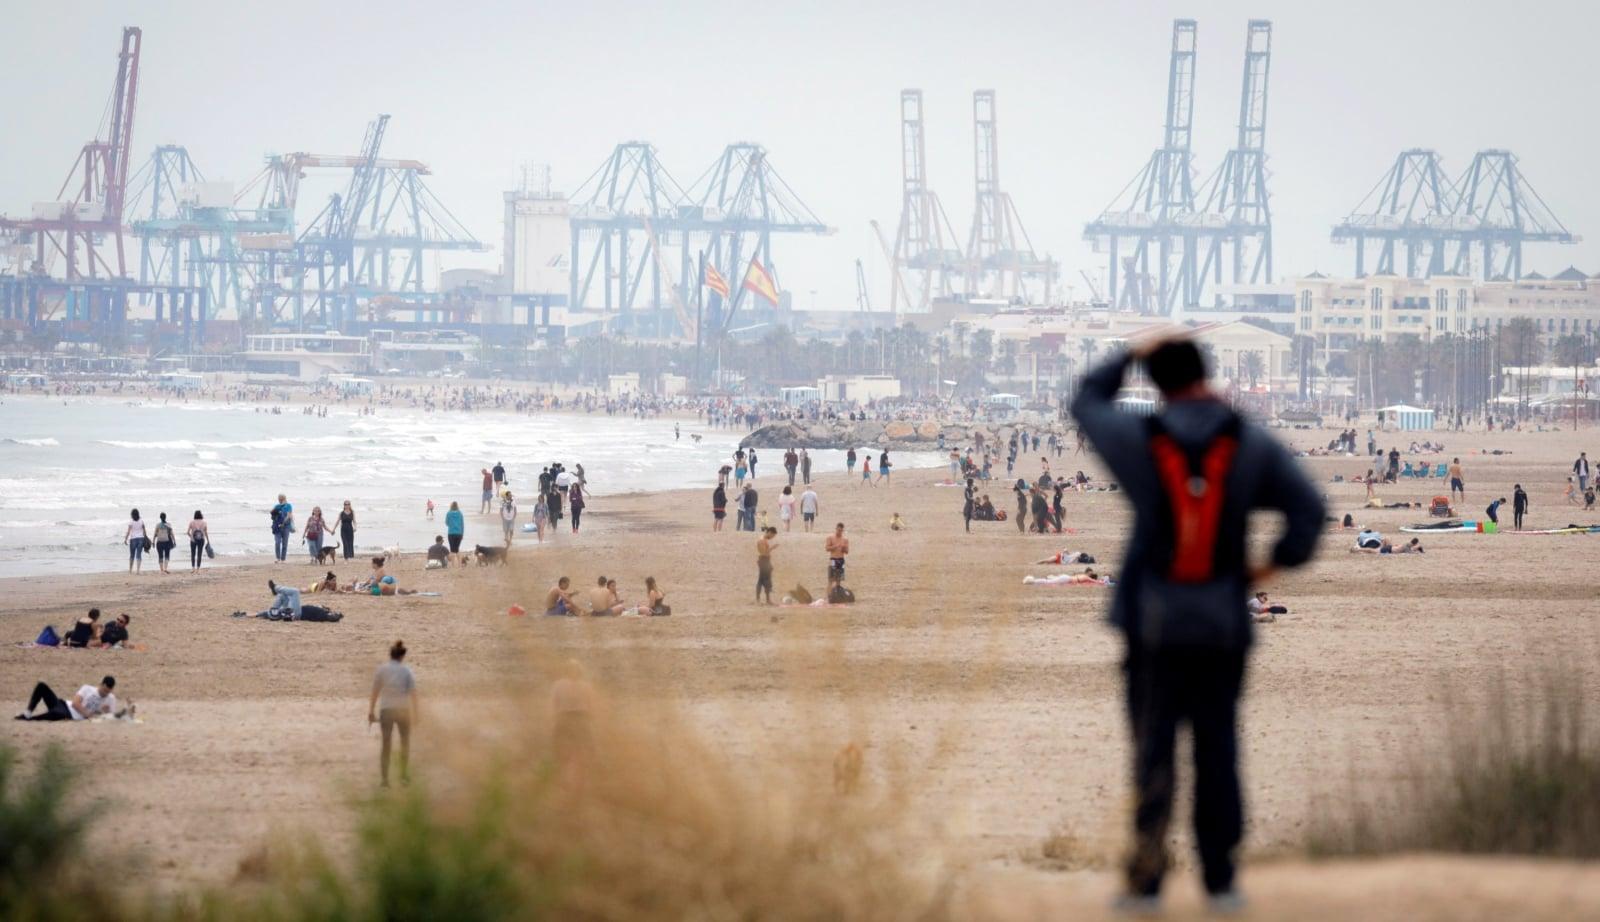 Pogoda w Hiszpanii fot. EPA/KAI FOERSTERLING